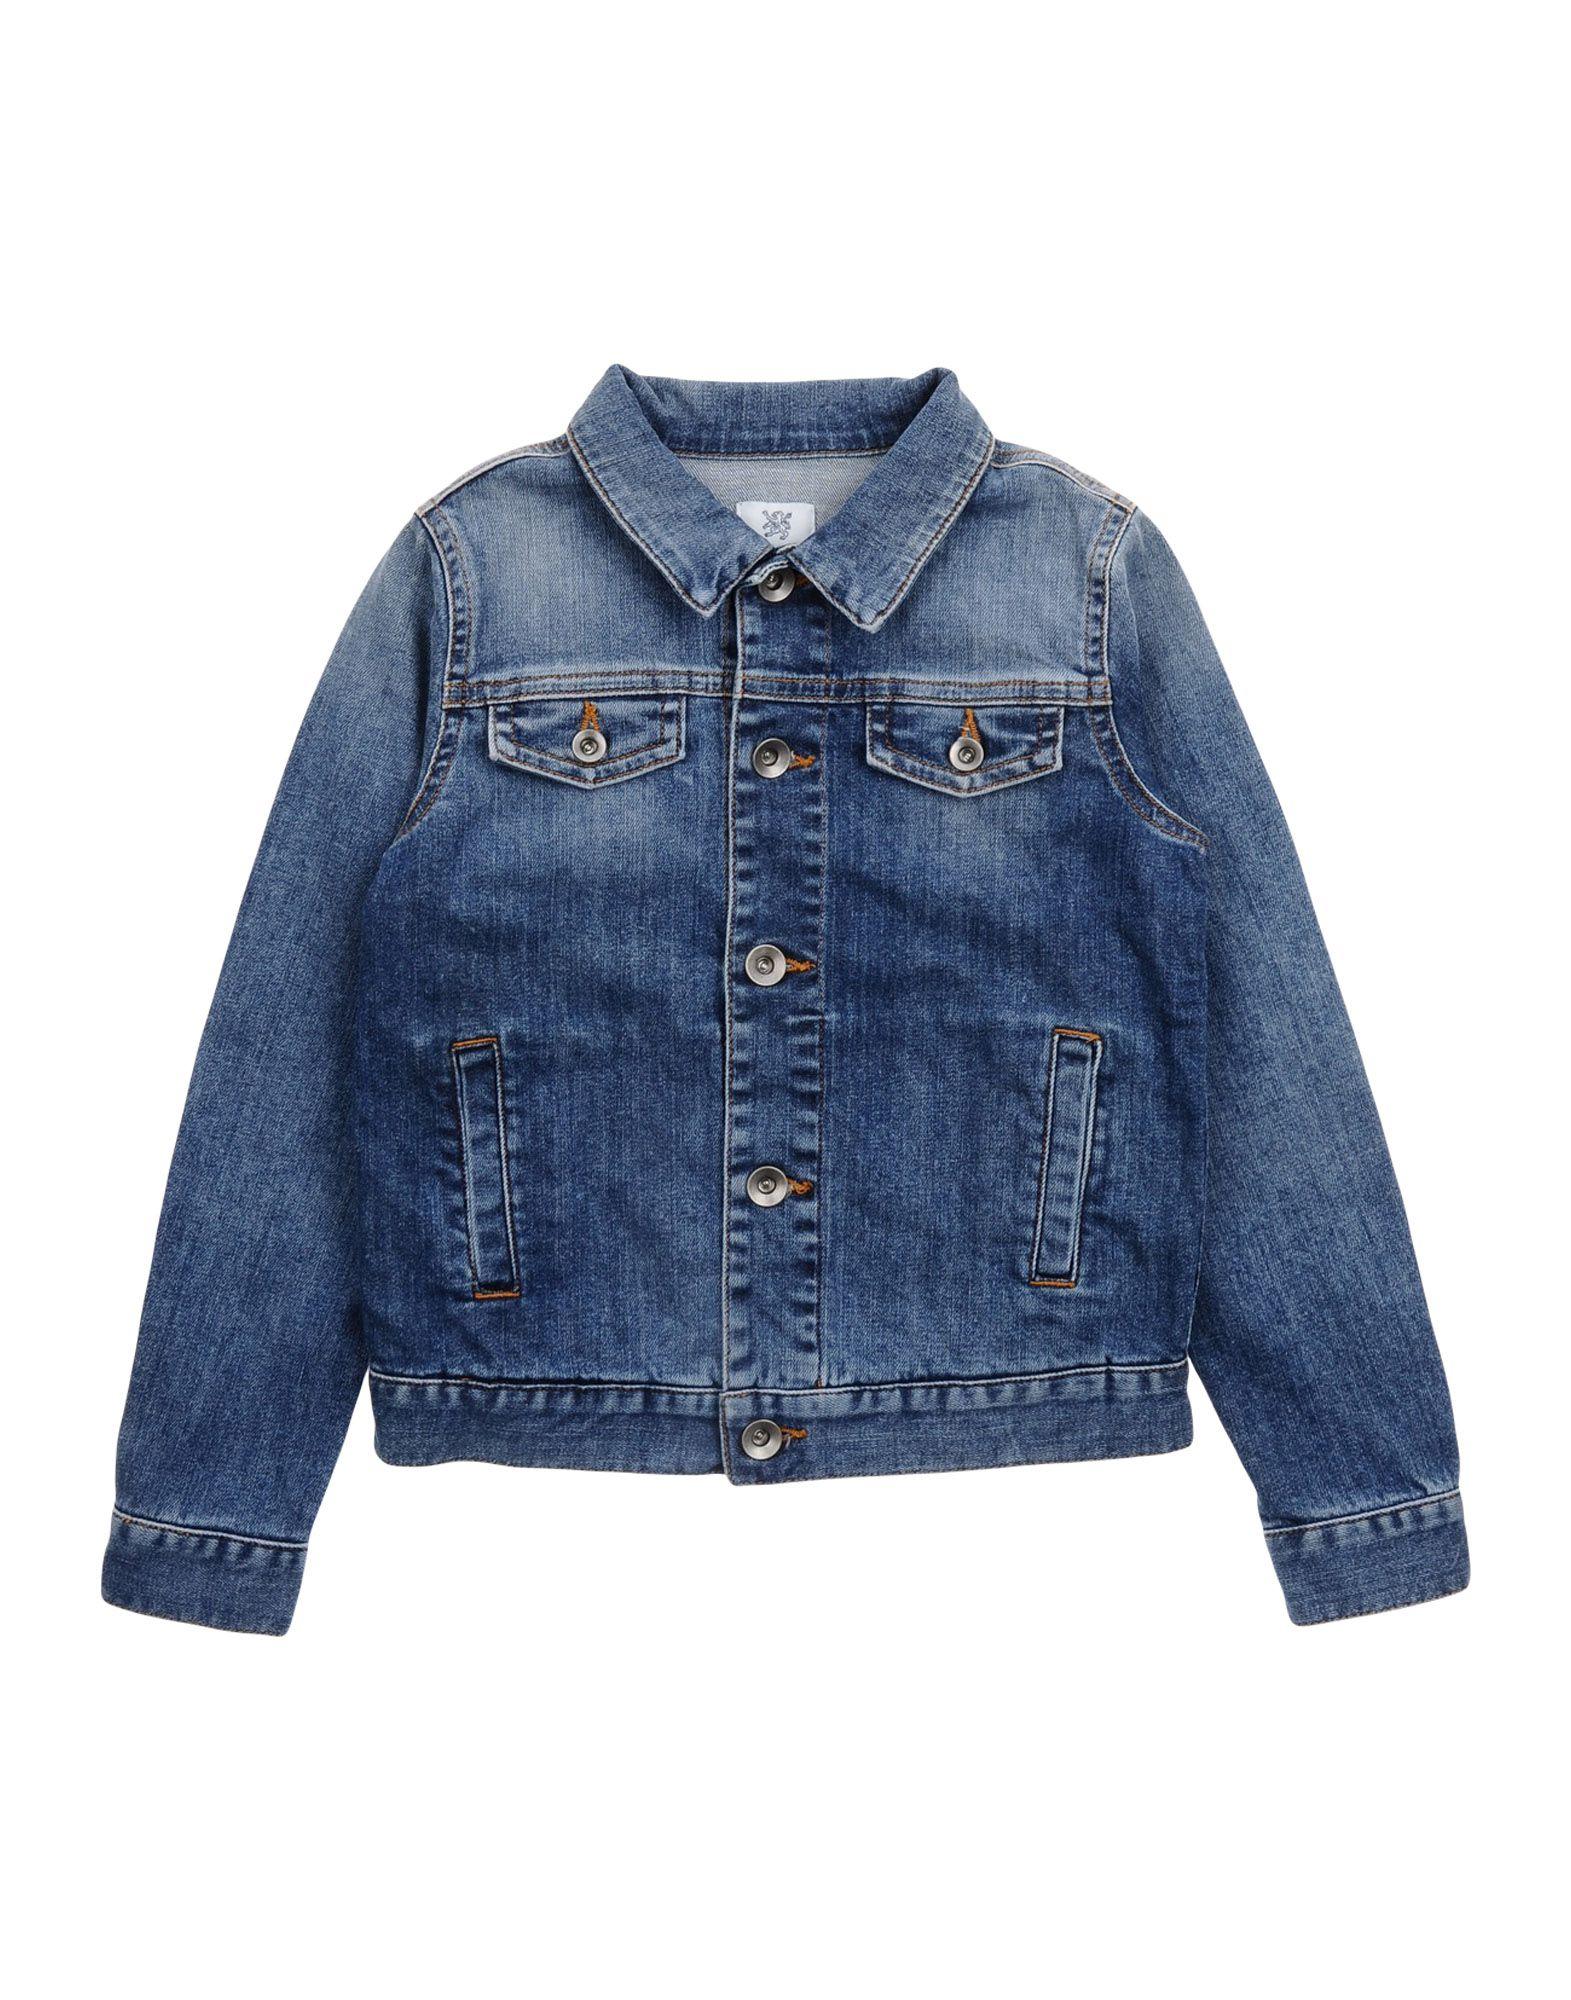 MAURO GRIFONI KIDS Jungen 3-8 jahre Jeansjacke/-mantel Farbe Blau Größe 6